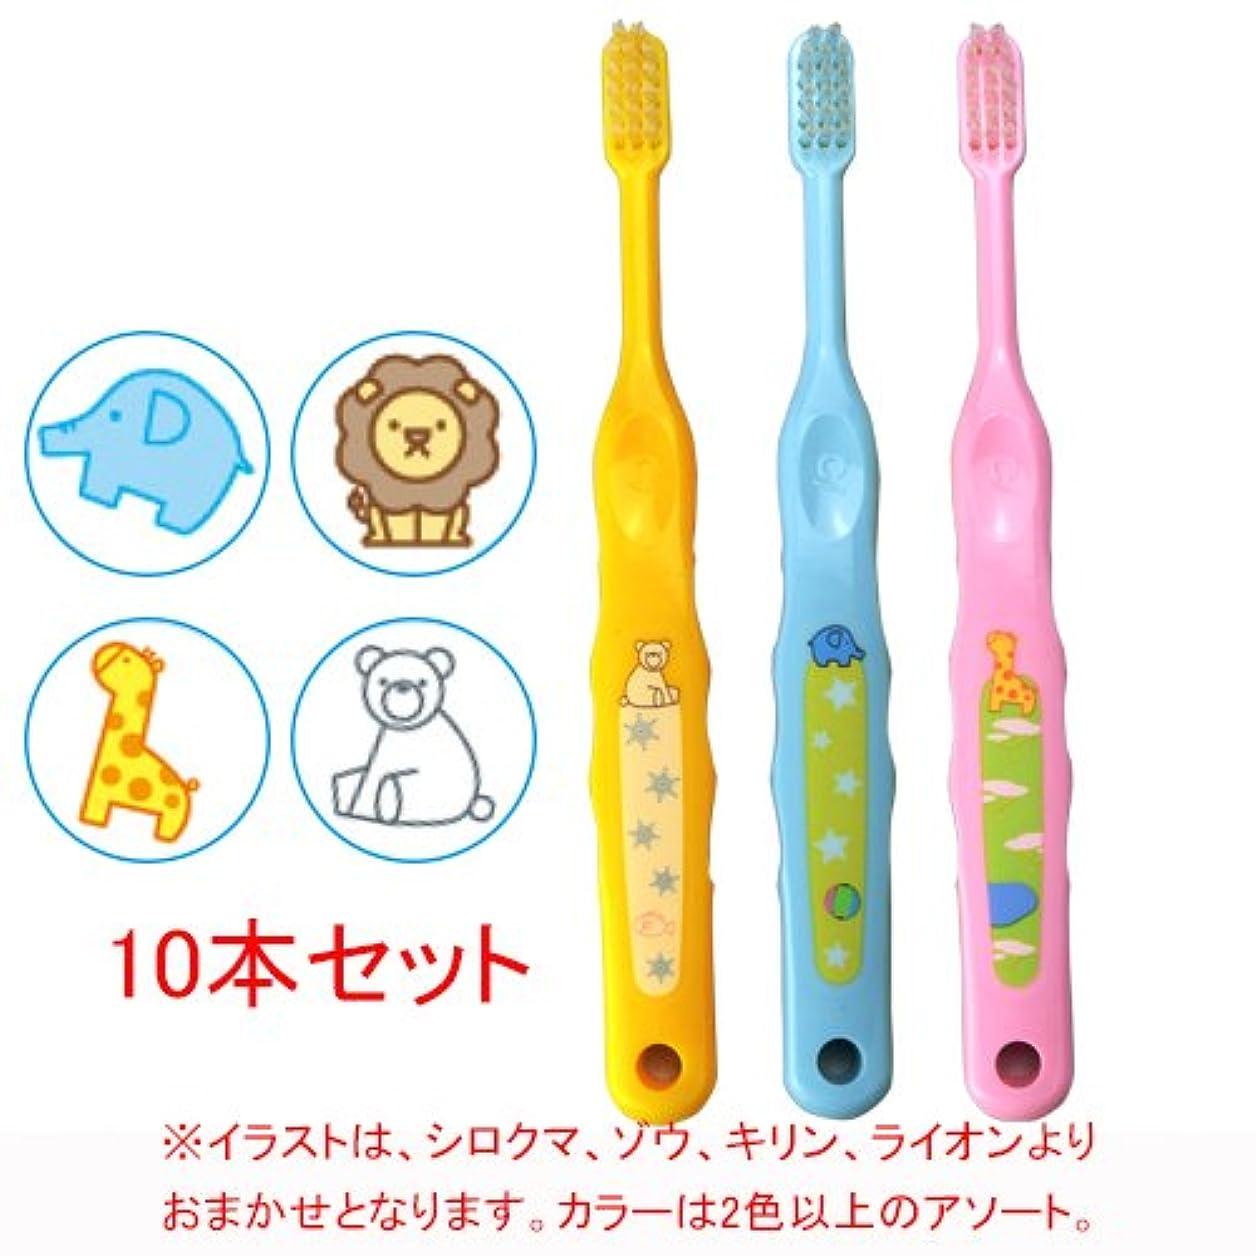 あまりにも香ばしいデザートCiメディカル Ci なまえ歯ブラシ 503 (やわらかめ) (乳児~小学生向)10本